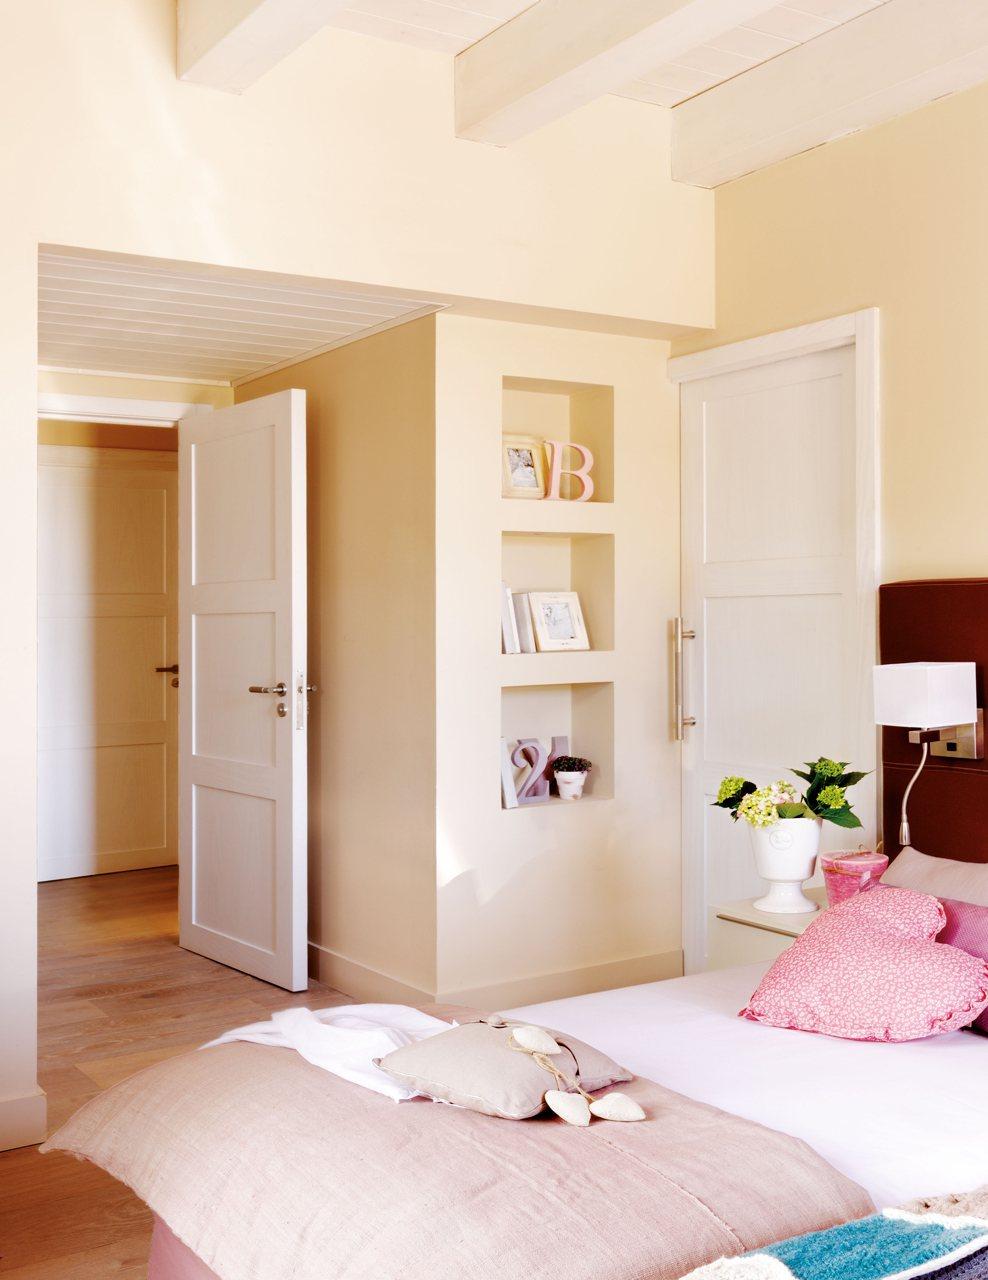 Gana estilo en casa por menos de mil euros for Puertas de dormitorio